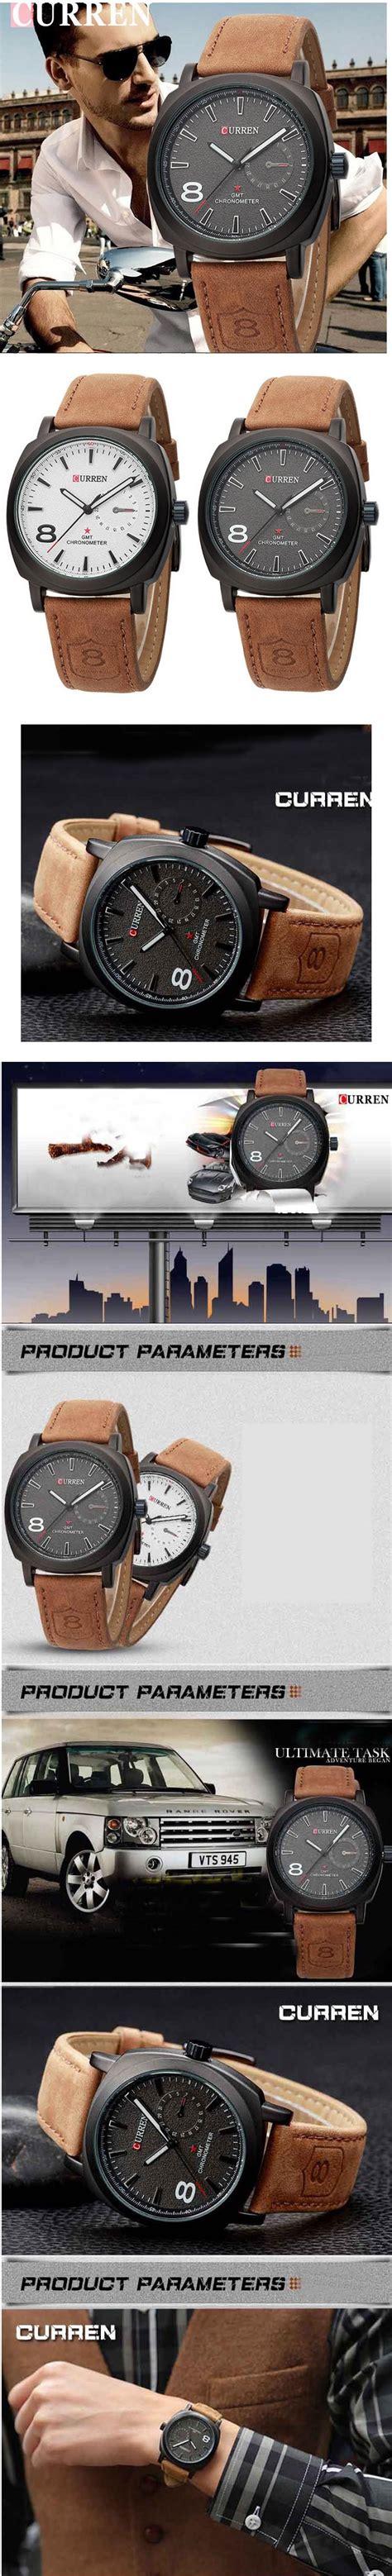 Jam Tangan Pria Original Anti Air Curren 8110 Black jual jam tangan pria